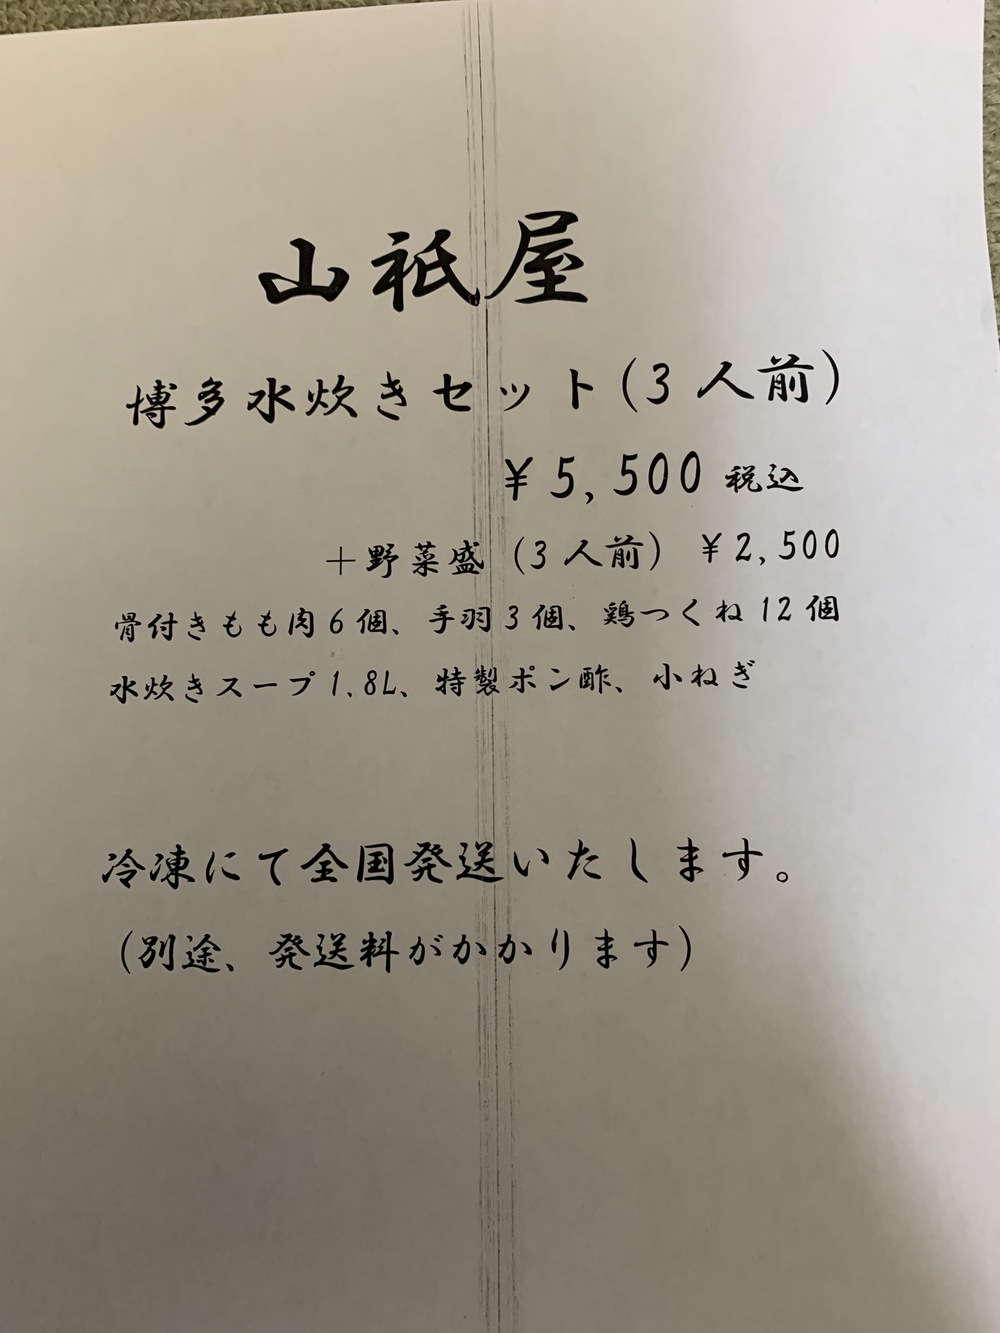 山祇屋 やまつみや【久留米市篠原町】テイクアウトメニュー表